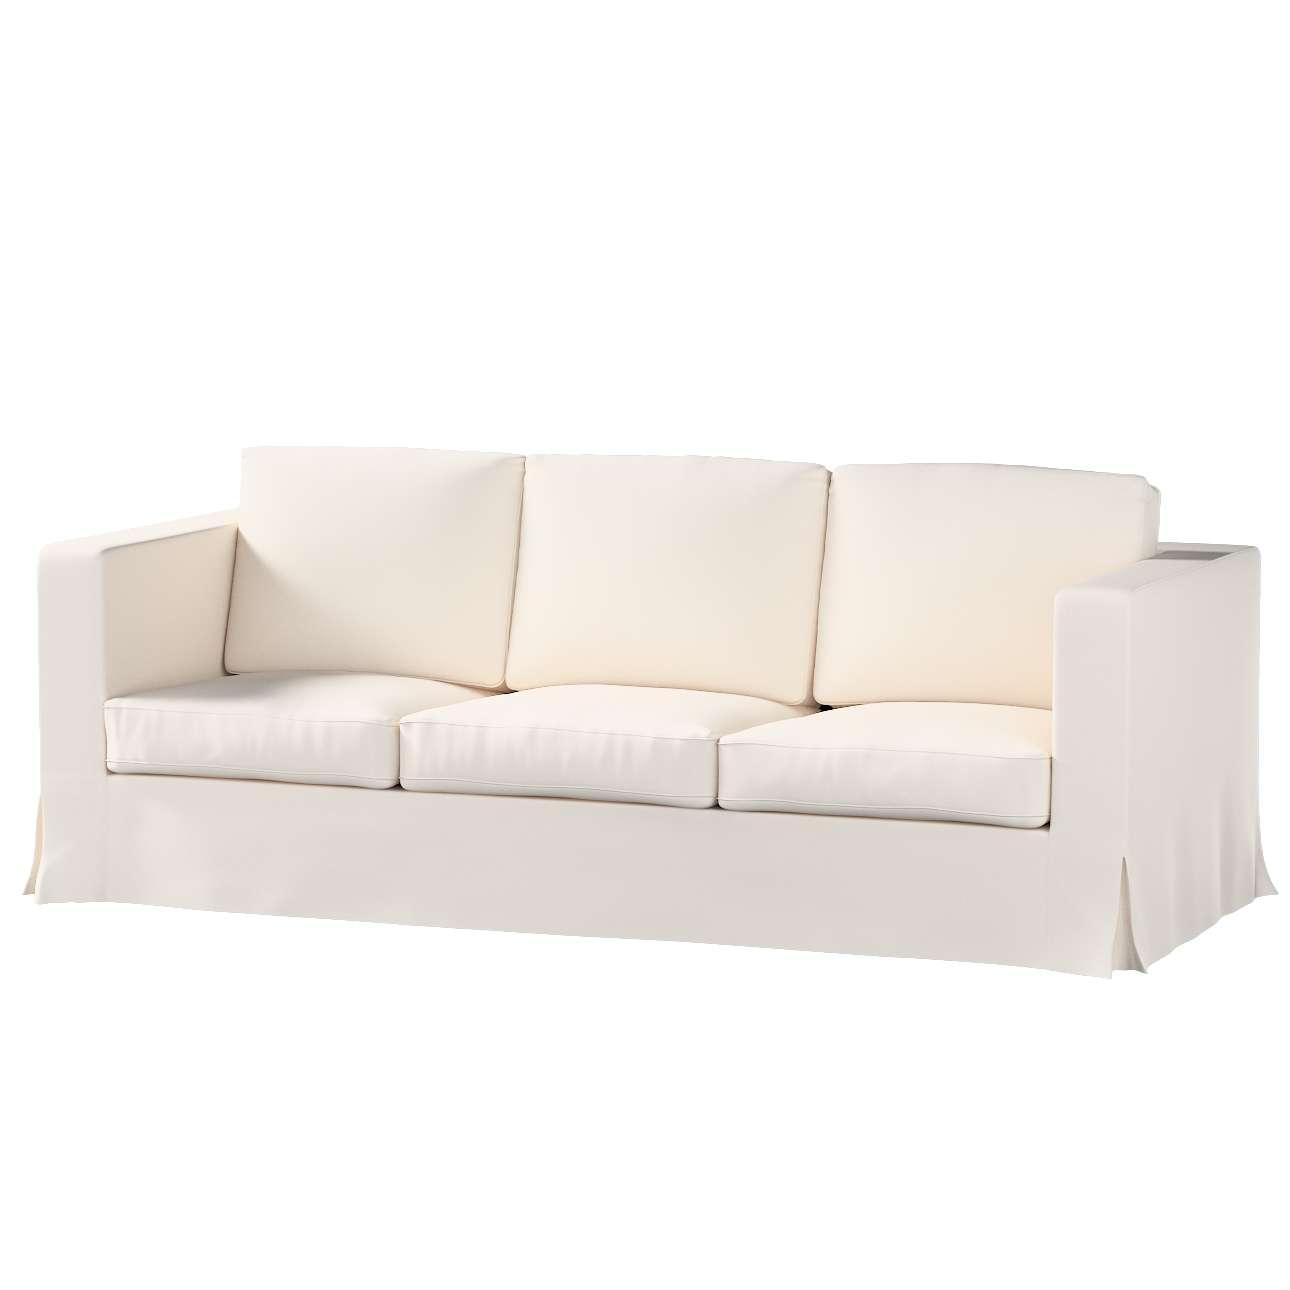 Bezug für Karlanda 3-Sitzer Sofa nicht ausklappbar, lang von der Kollektion Etna, Stoff: 705-01